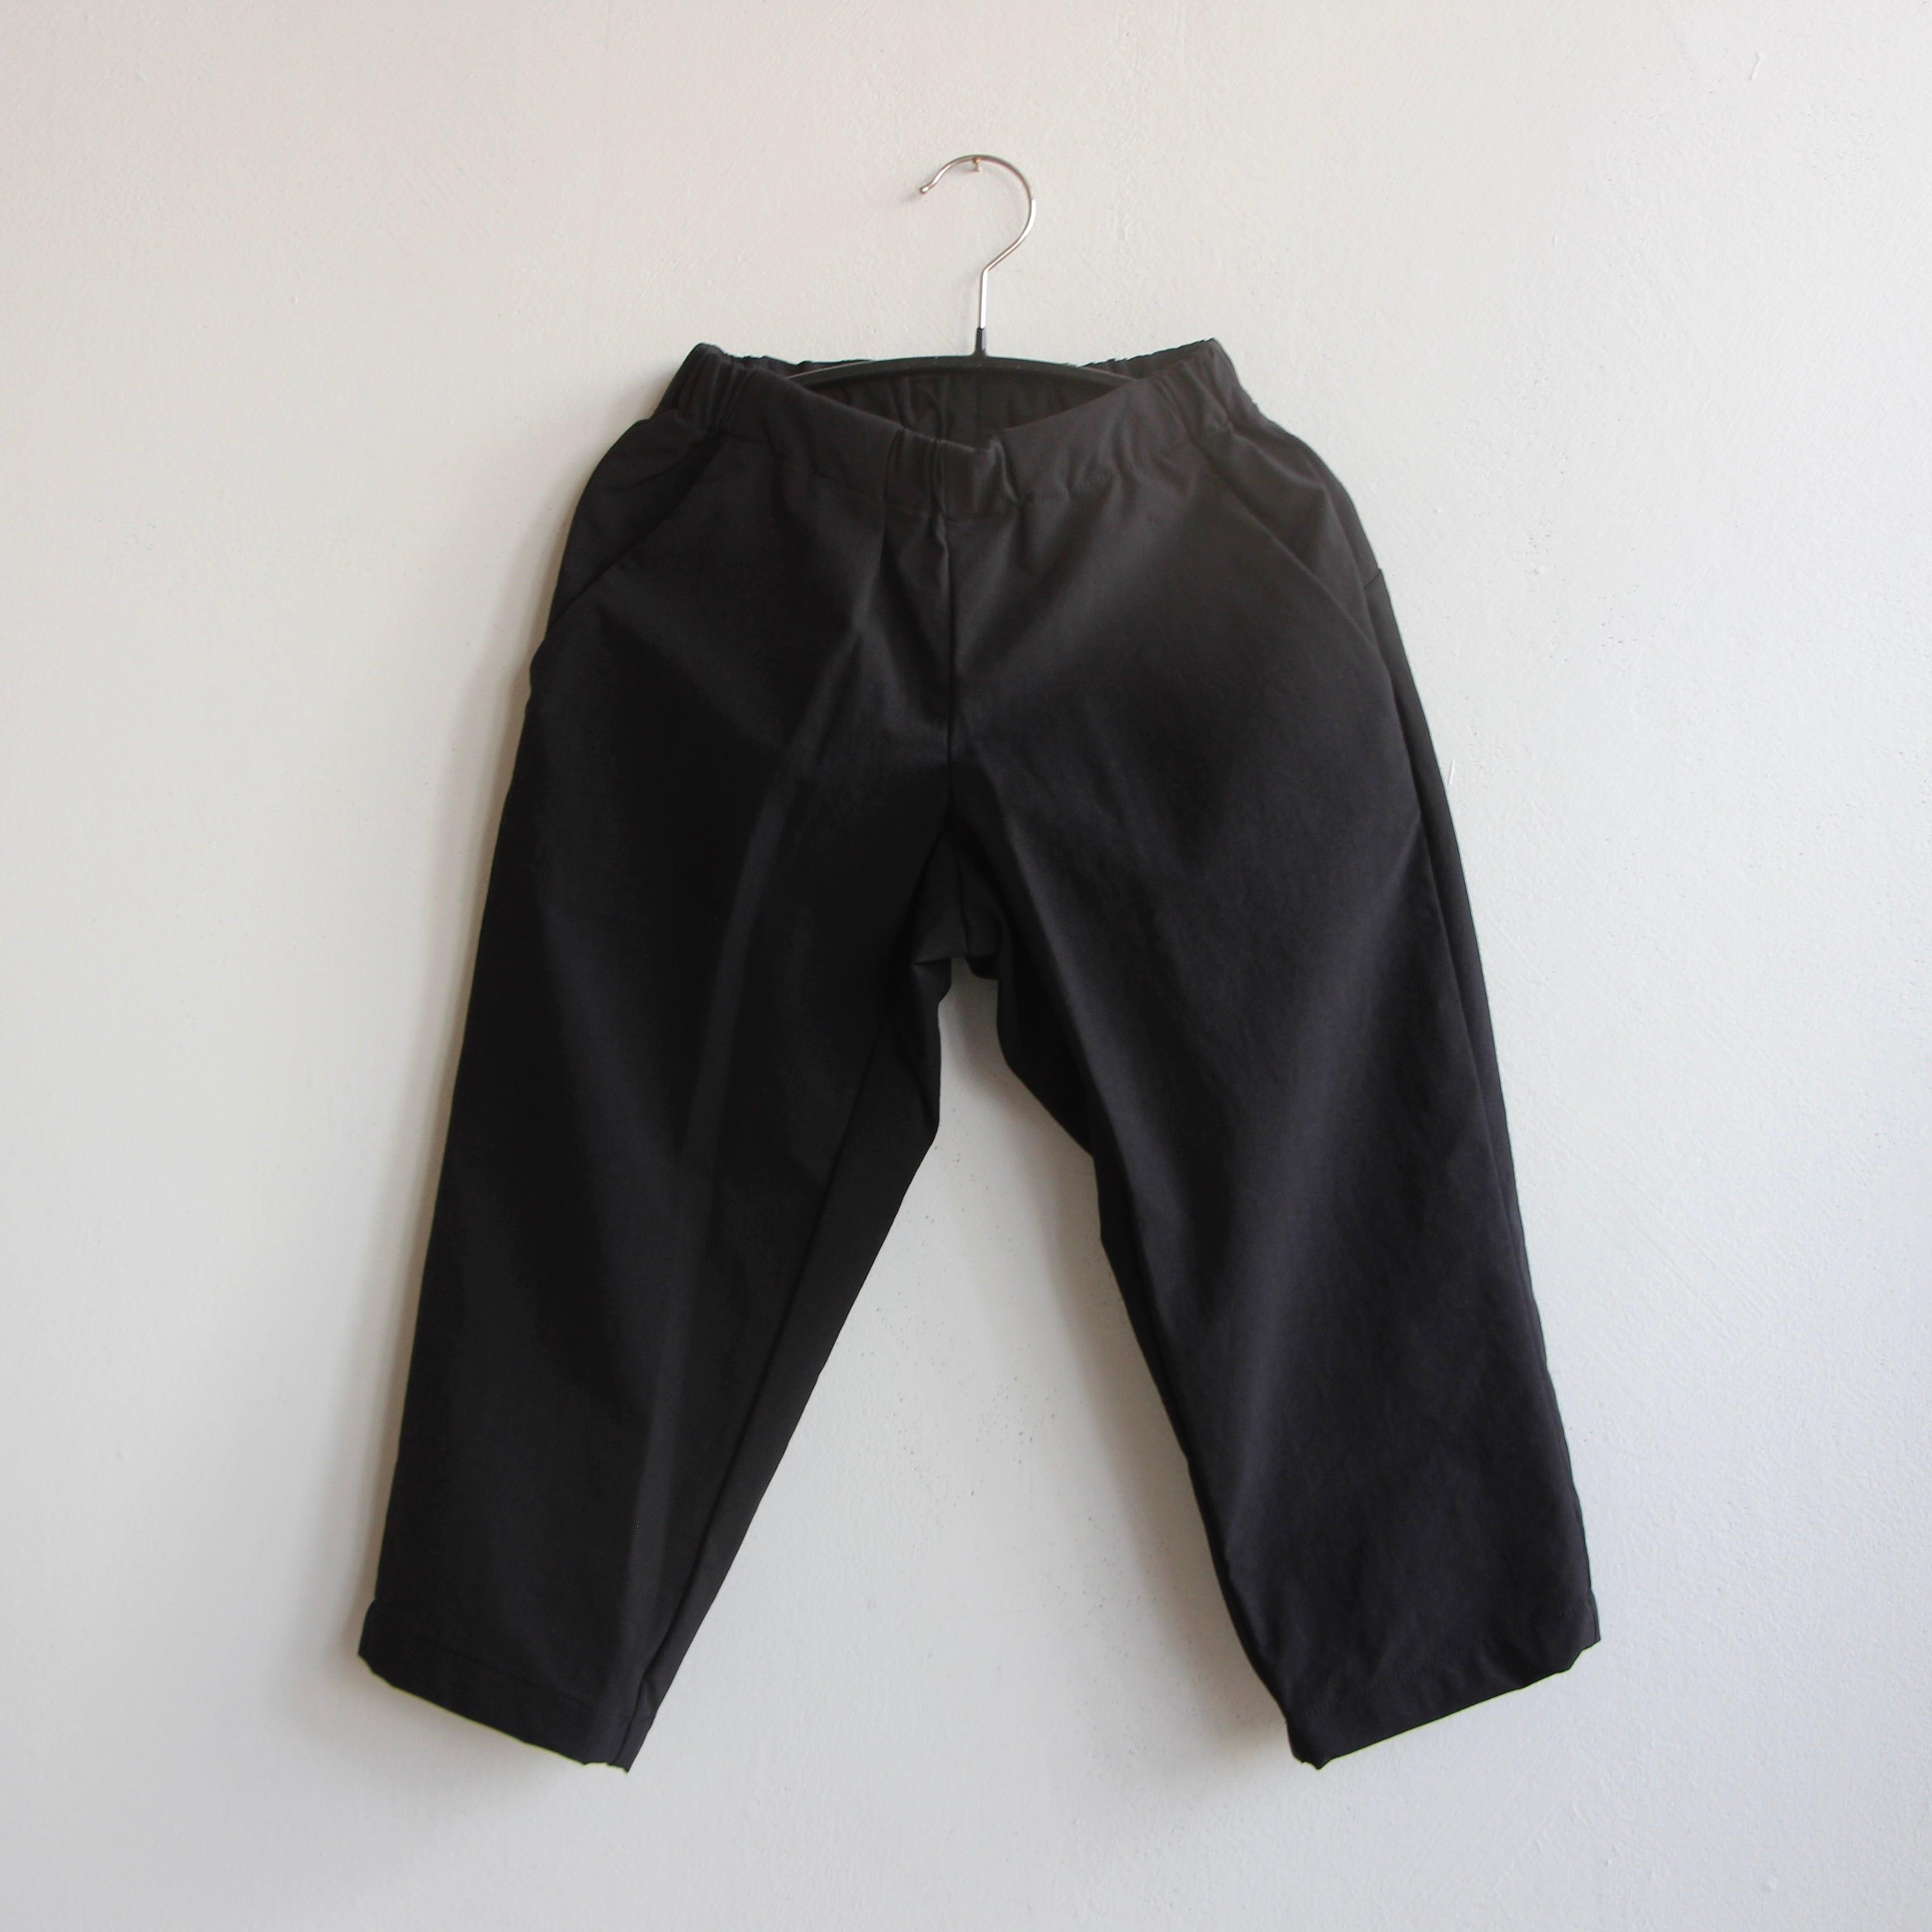 《MOUNTEN. 2021AW》double cloth stretch pants / black / size1(155-165cm程度)